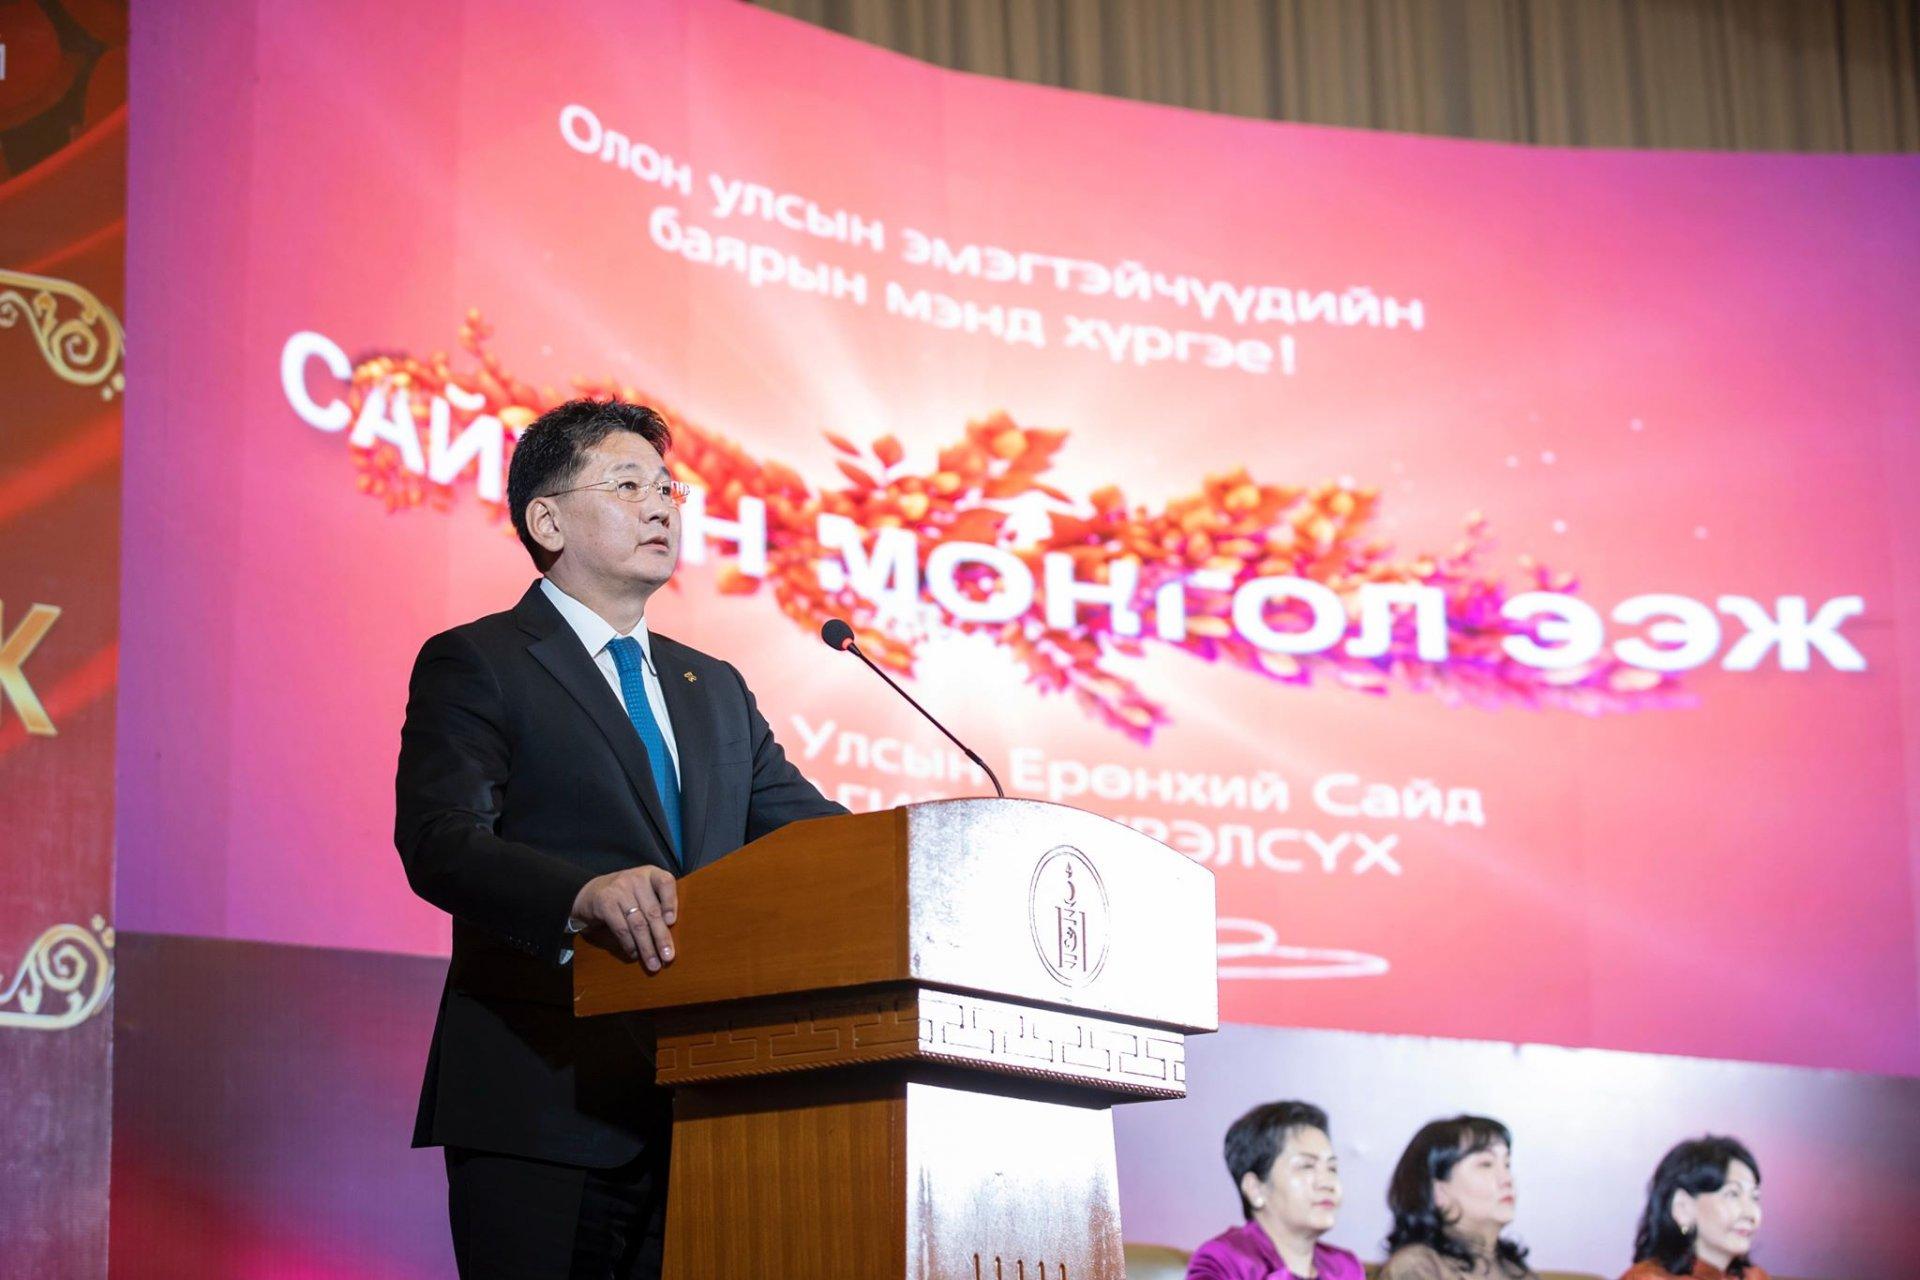 У.Хүрэлсүх: Эмэгтэйчүүдийн эрхийг хамгаалах, нийгмийн оролцоог нэмэгдүүлэхэд Засгийн газар онцгой анхаарч ажиллана